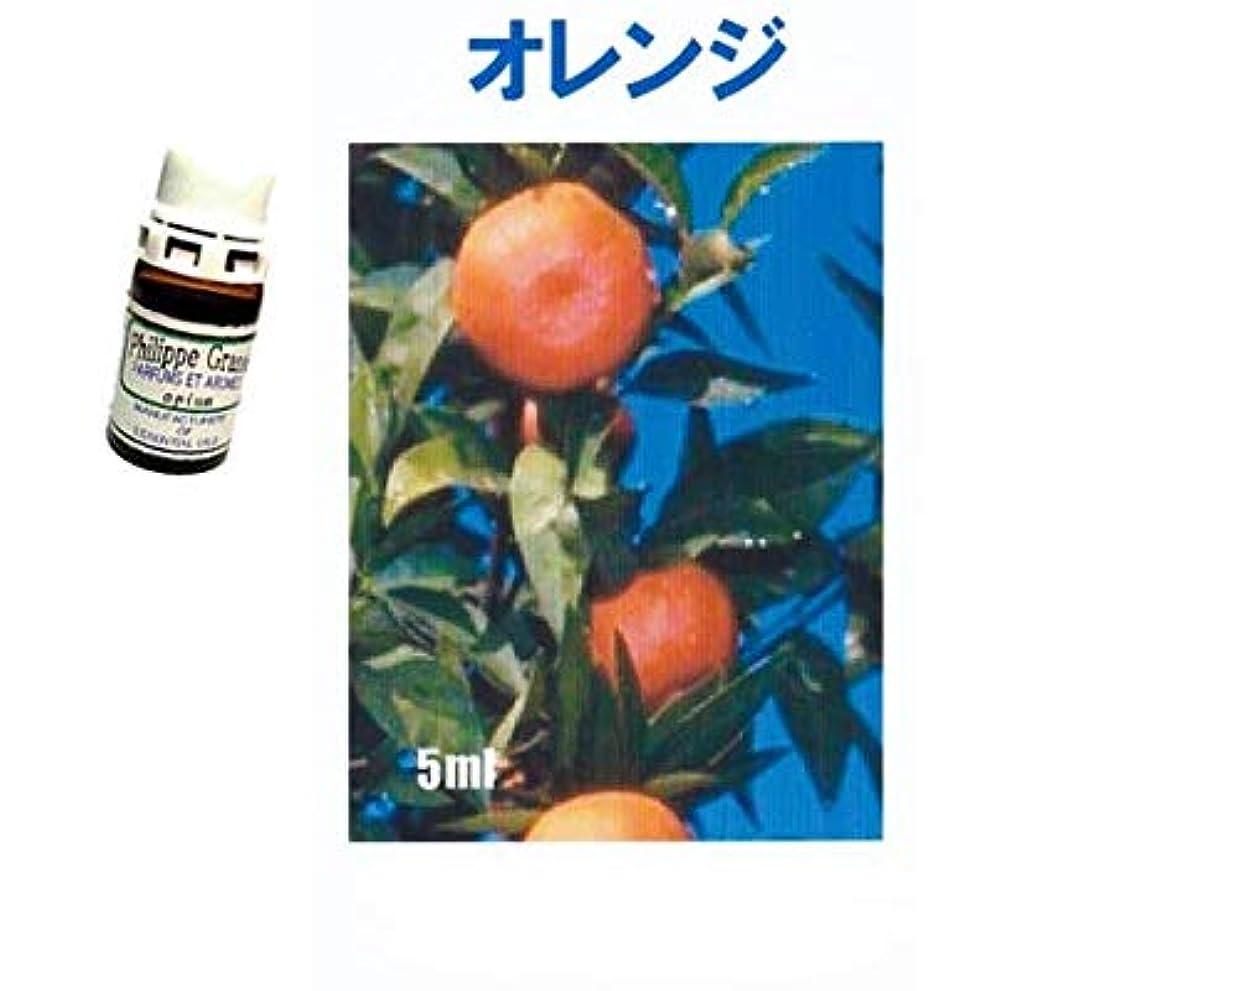 満員マンモス月面アロマオイル オレンジ 5ml エッセンシャルオイル 100%天然成分